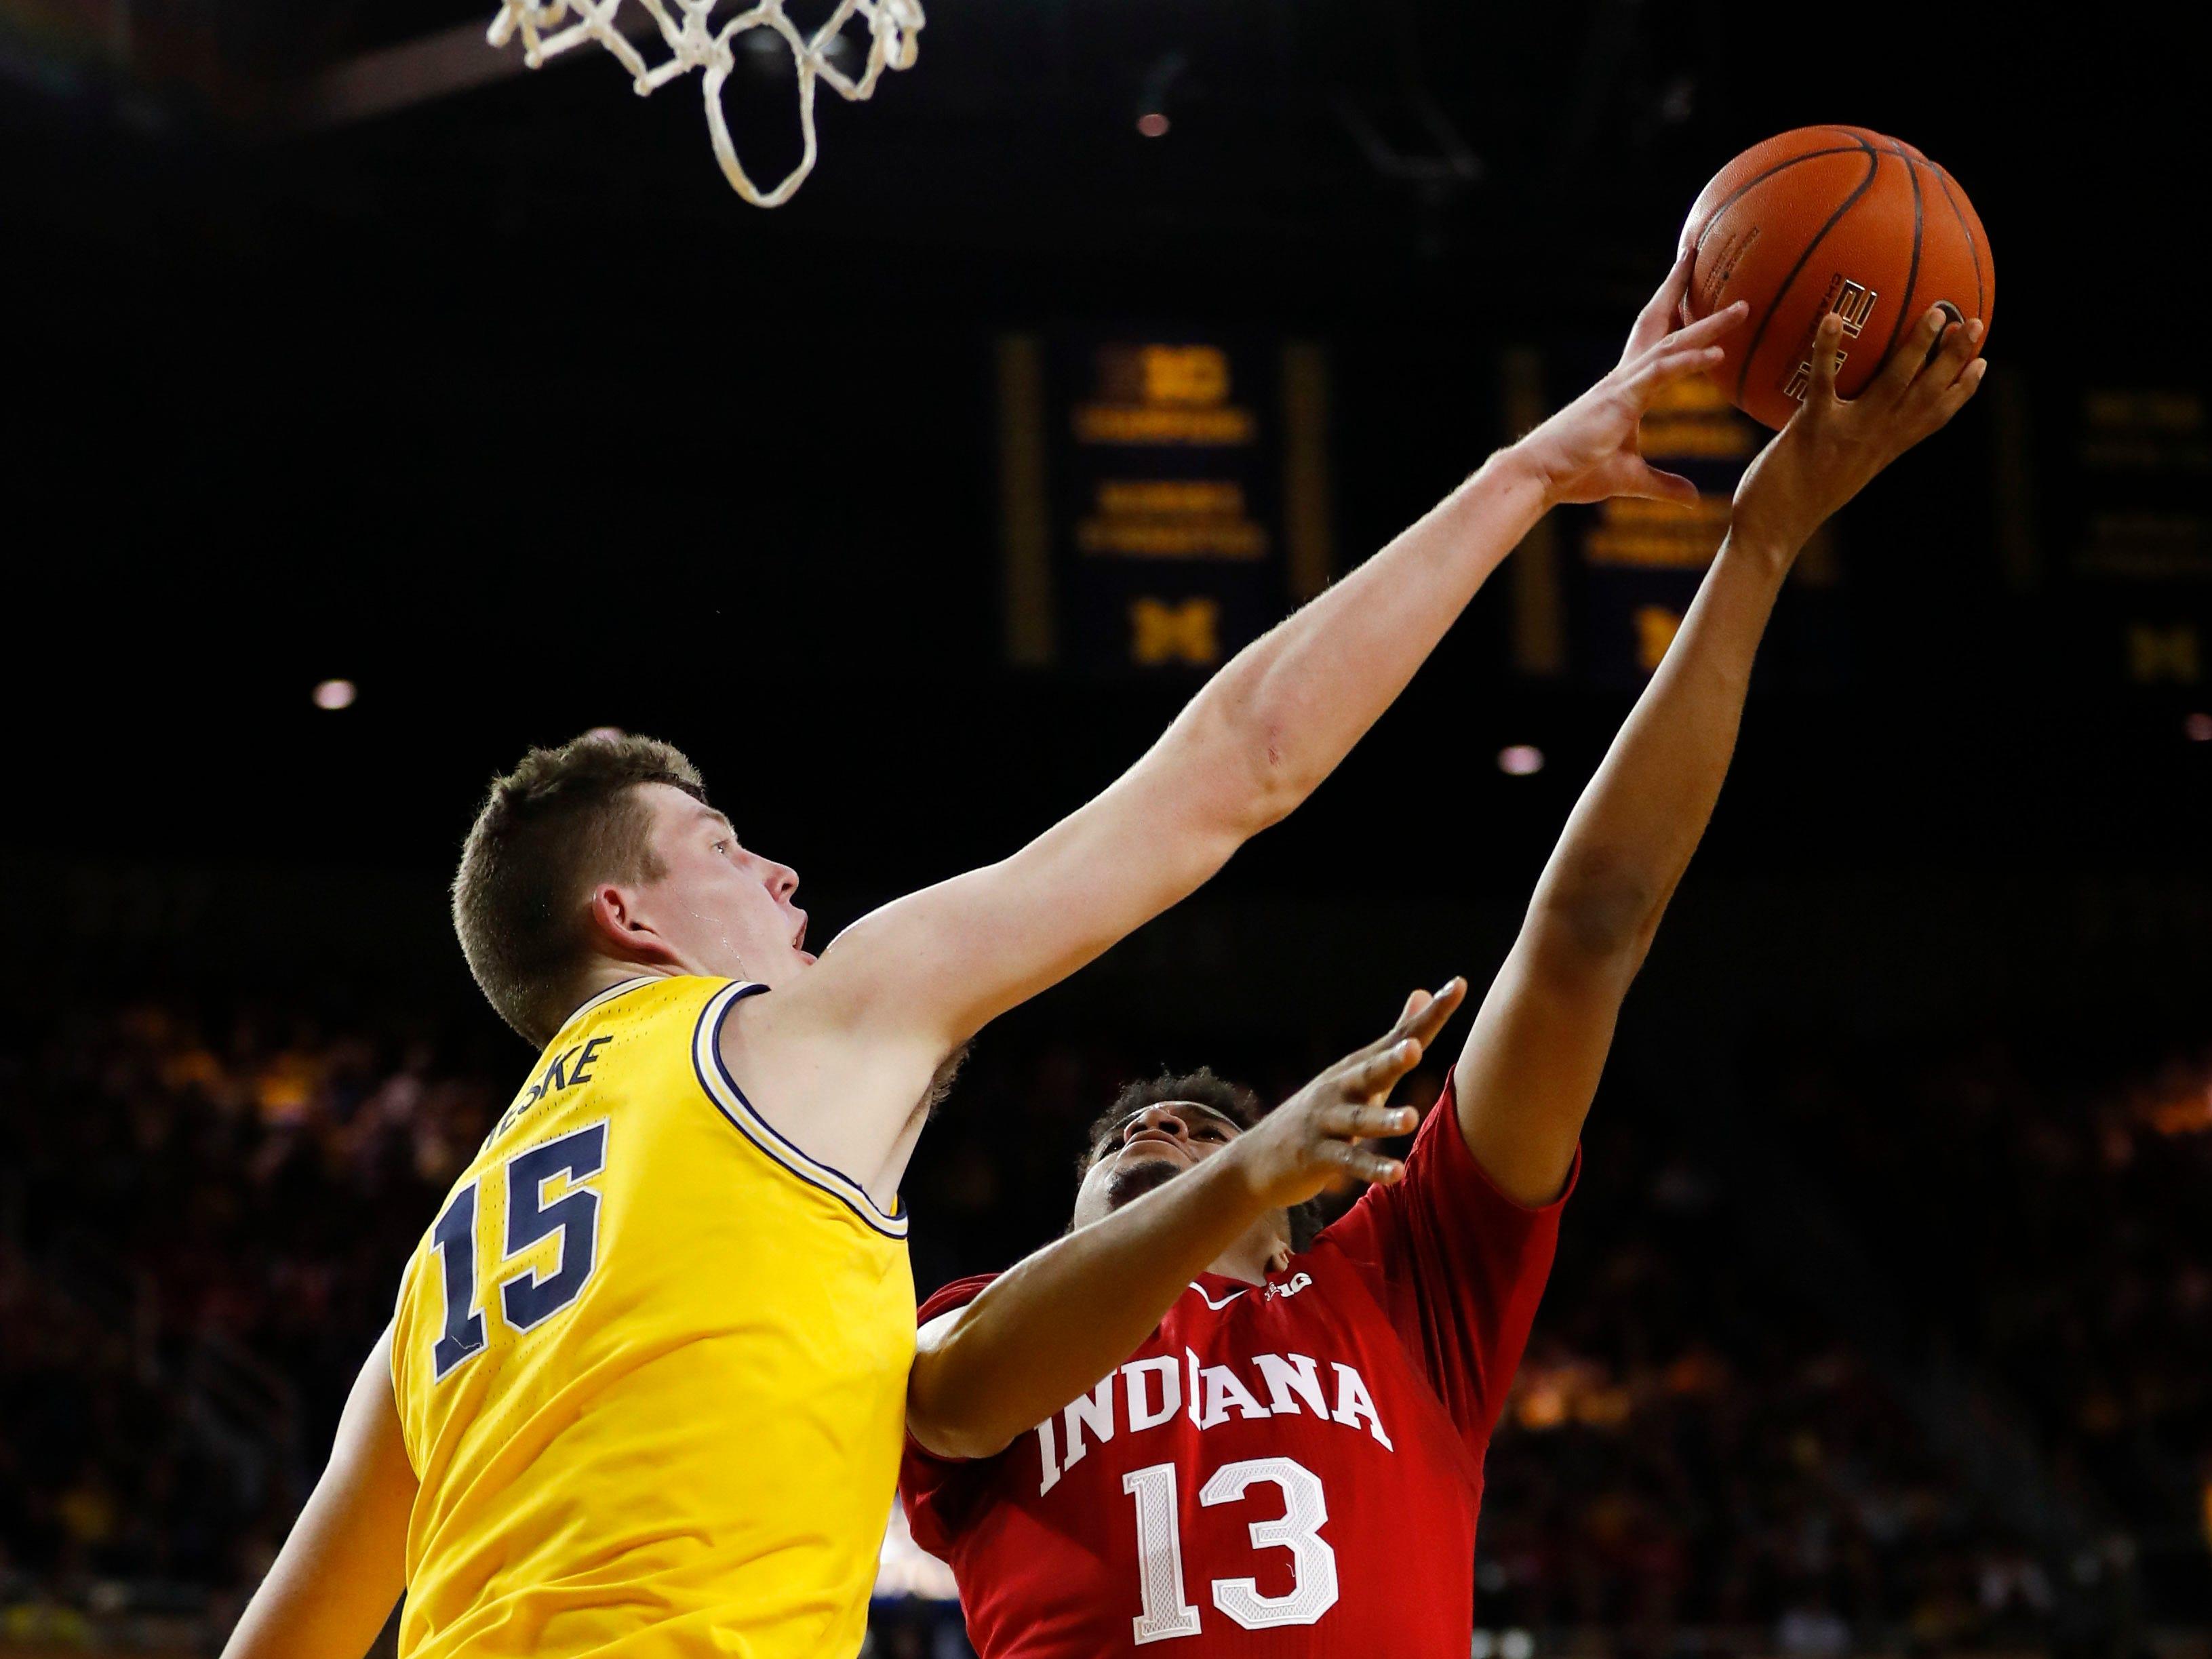 Michigan center Jon Teske (15) blocks a Indiana forward Juwan Morgan (13) shot in the first half.